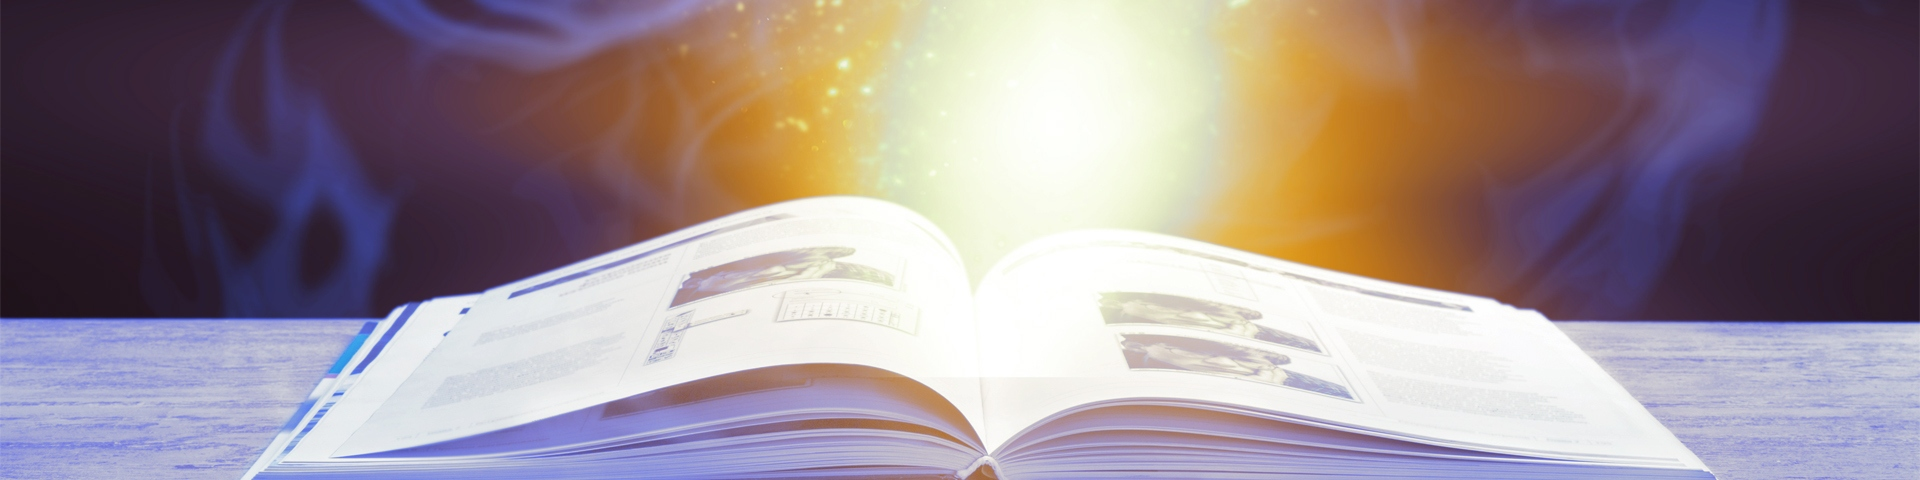 Succeshistorier - en bog som er åben med lys kommer ud af det